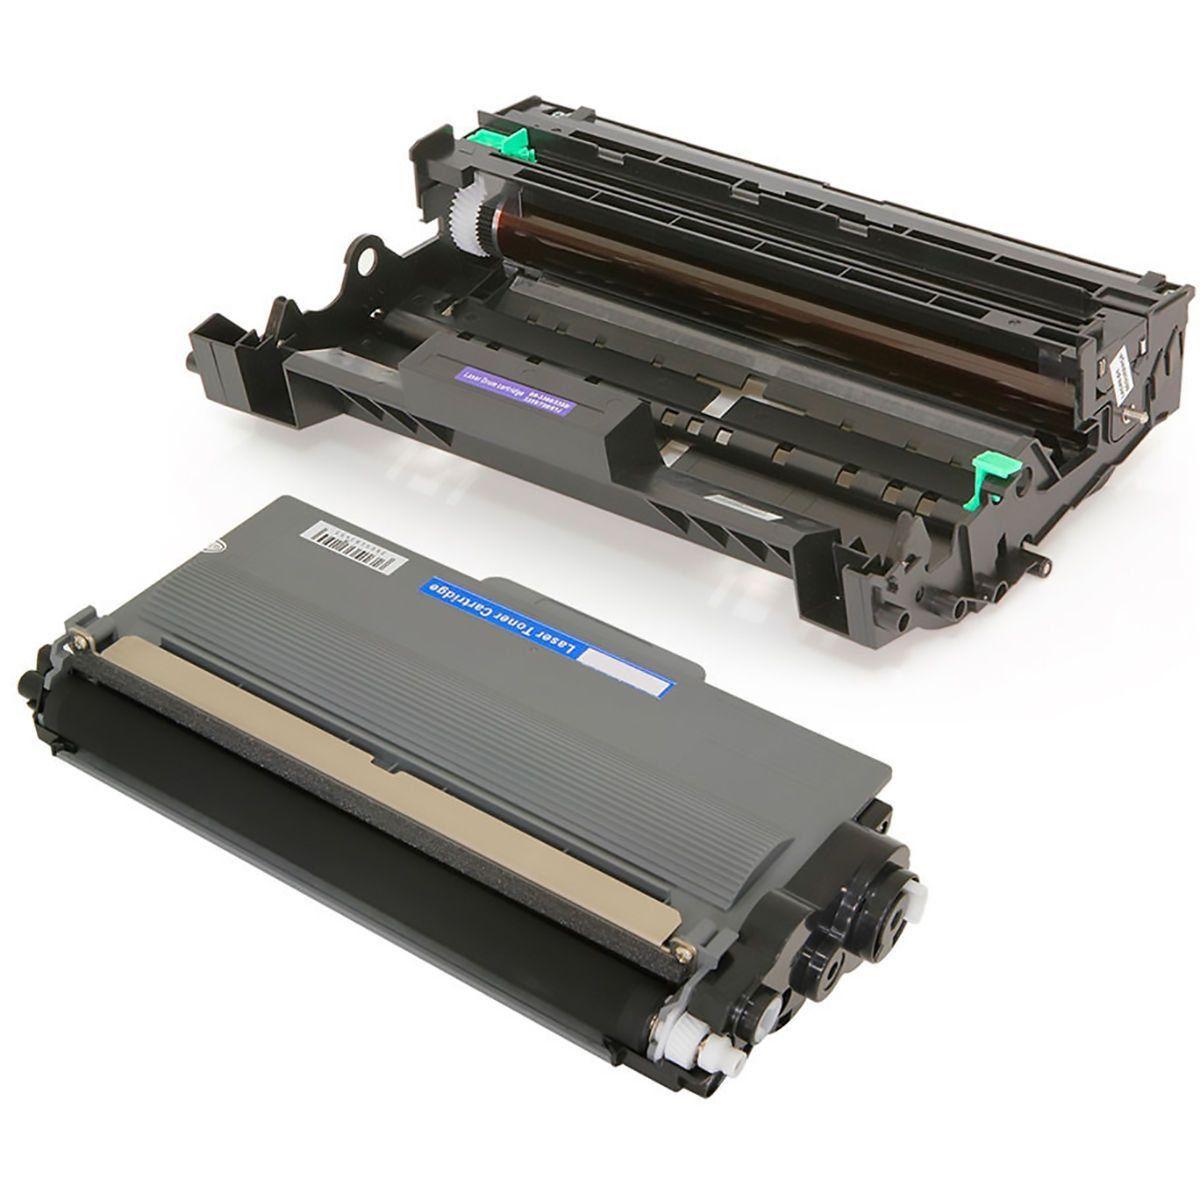 Compatível: Combo Cartucho de Cilindro DR720 + Toner TN780 TN3392 para Brother DCP-8157 8157dn 8112dn 8110dn 8152dn